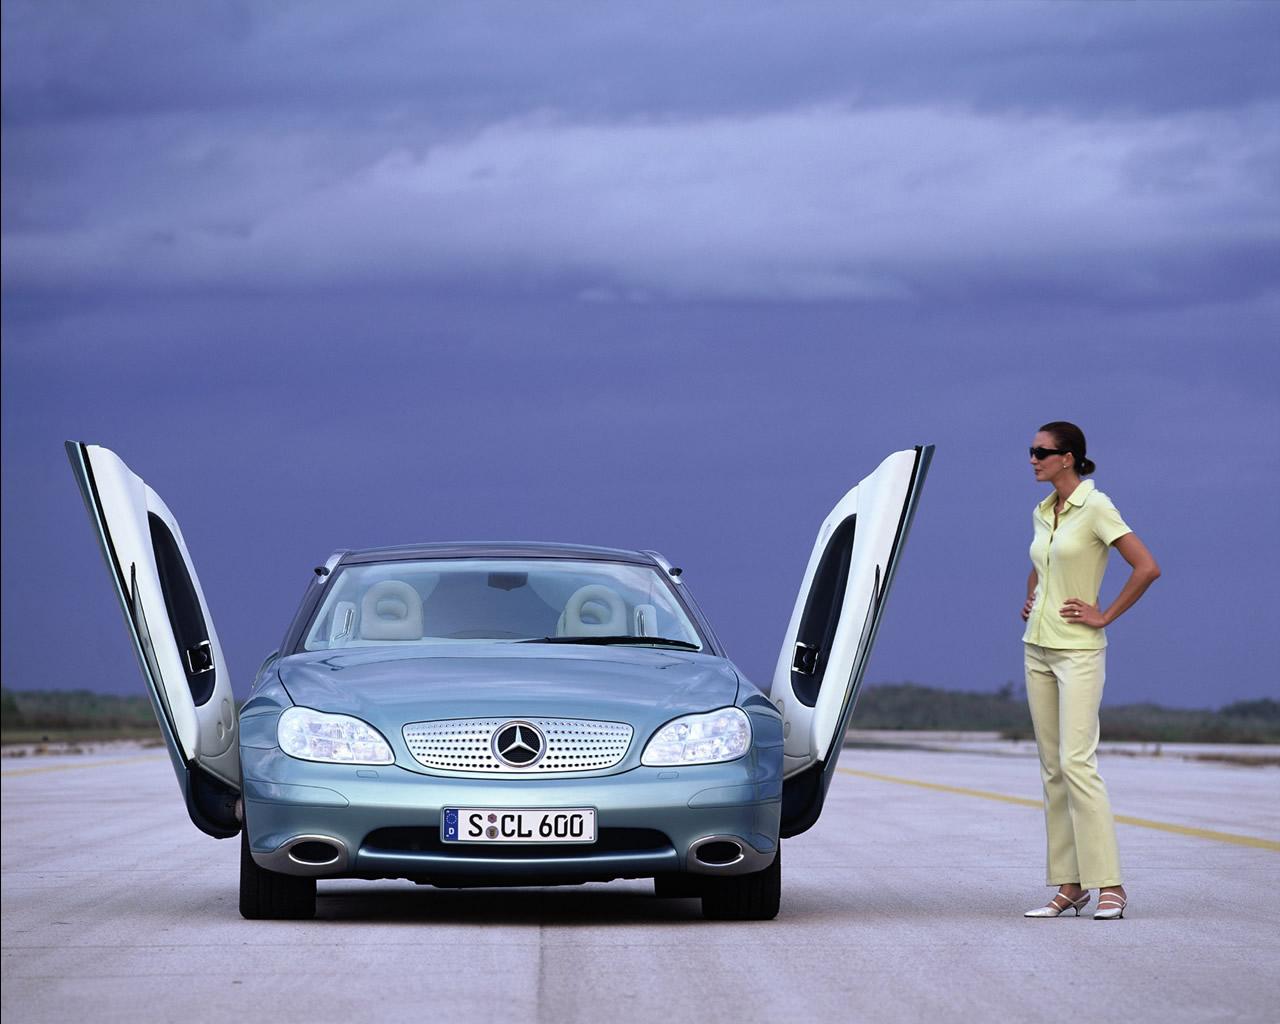 Mercedes F200 Imagination Concept Car 1996